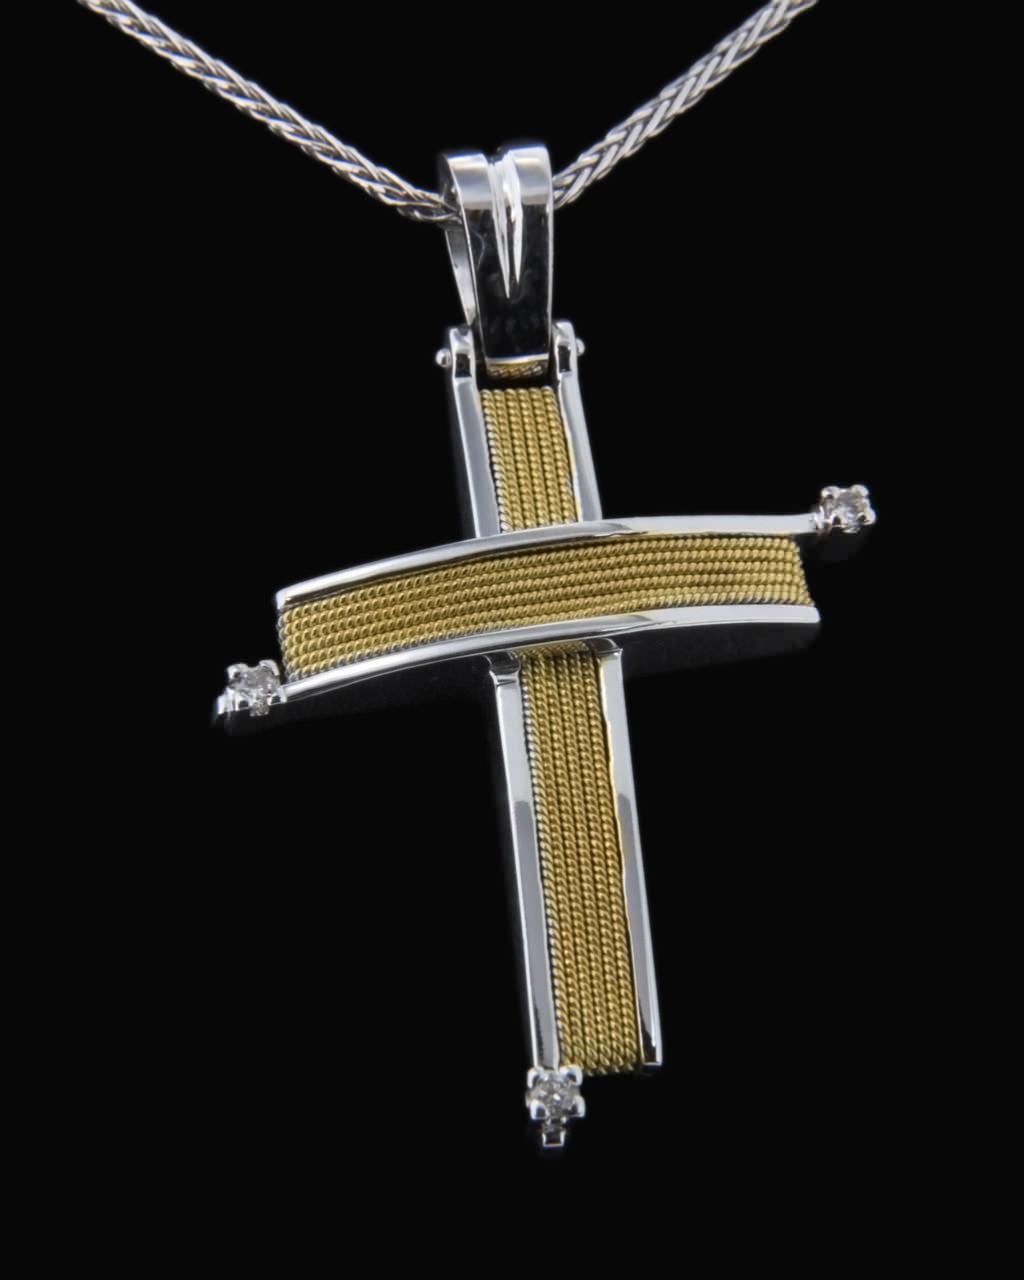 Σταυρός χρυσός & λευκόχρυσος Κ18 με Διαμάντια   νεεσ αφιξεισ κοσμήματα γυναικεία